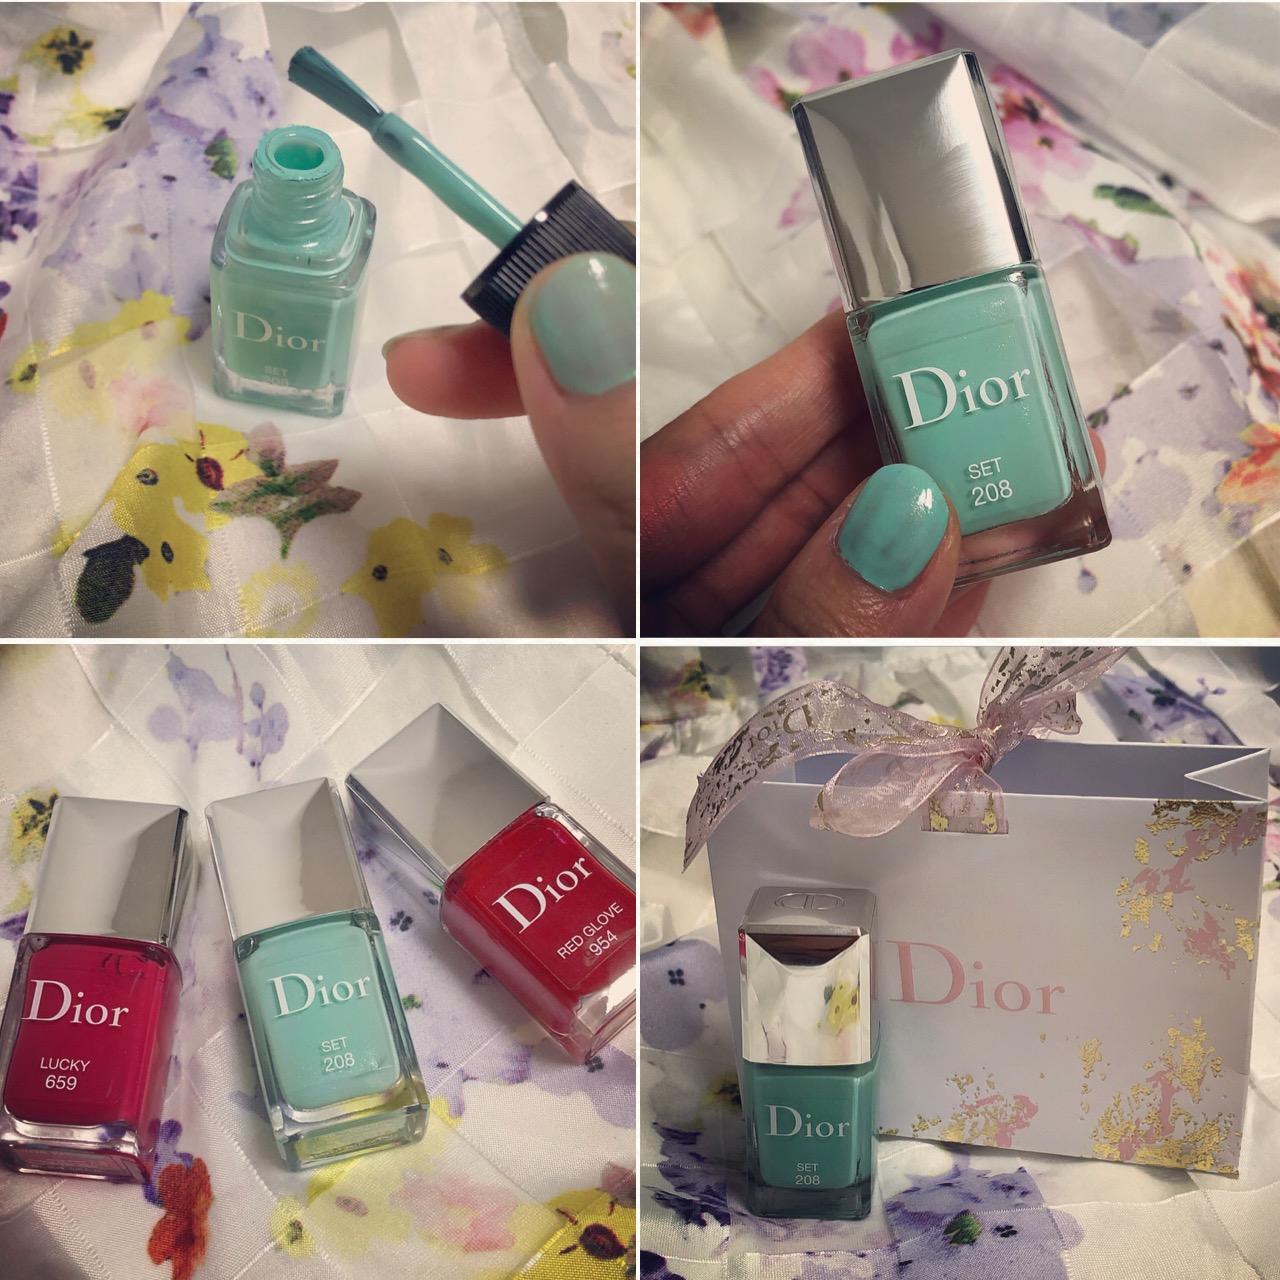 【夏ネイル・マニキュア】「Dior」2020夏限定色が爽やかキレイネイルがフットにもハンドにも大活躍中♡ <デパコス>_3